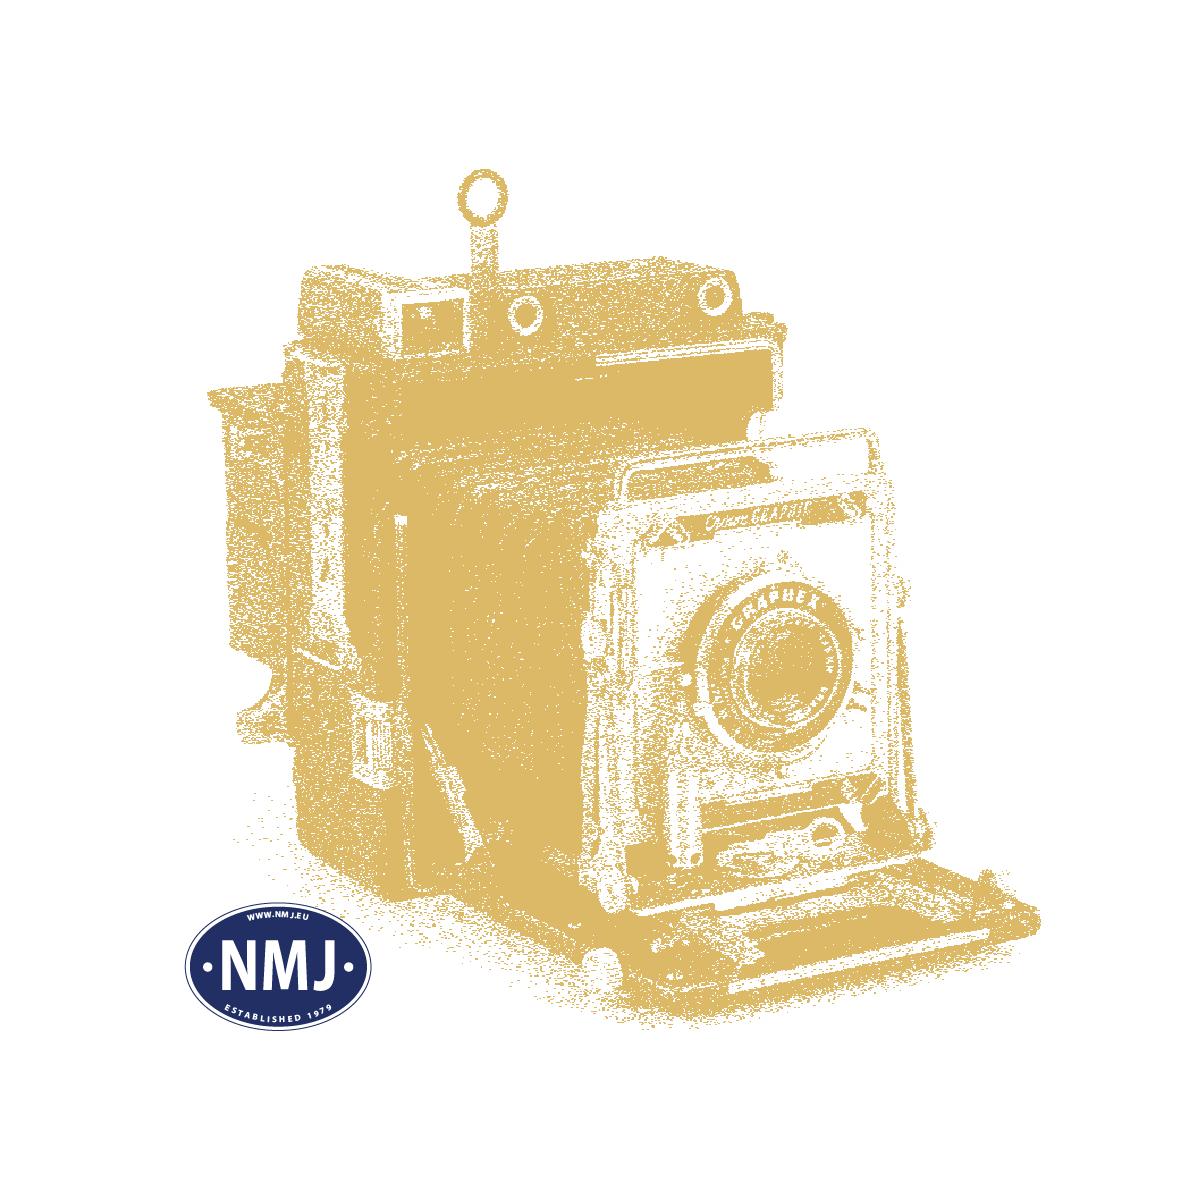 NMJT133.301 - NMJ Topline NSB BF10 21514, rot